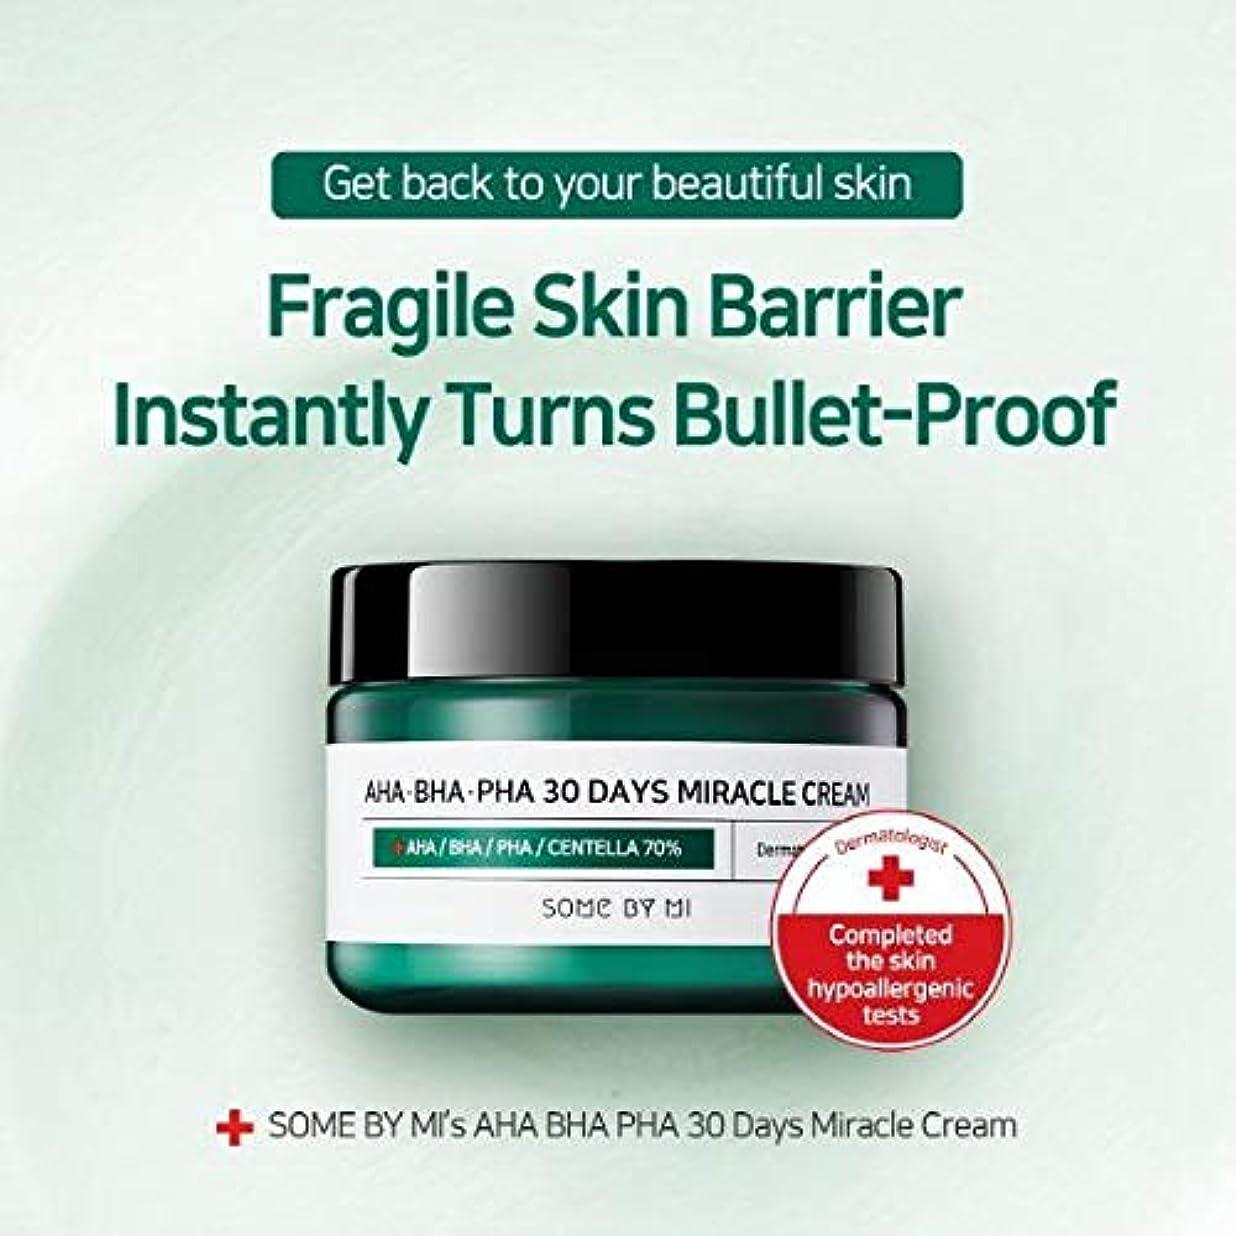 追放する砂伝えるSomebymi AHA BHA PHA Miracle Cream 50ml (1.7oz) Skin Barrier & Recovery, Soothing with Tea Tree 10,000ppm for...